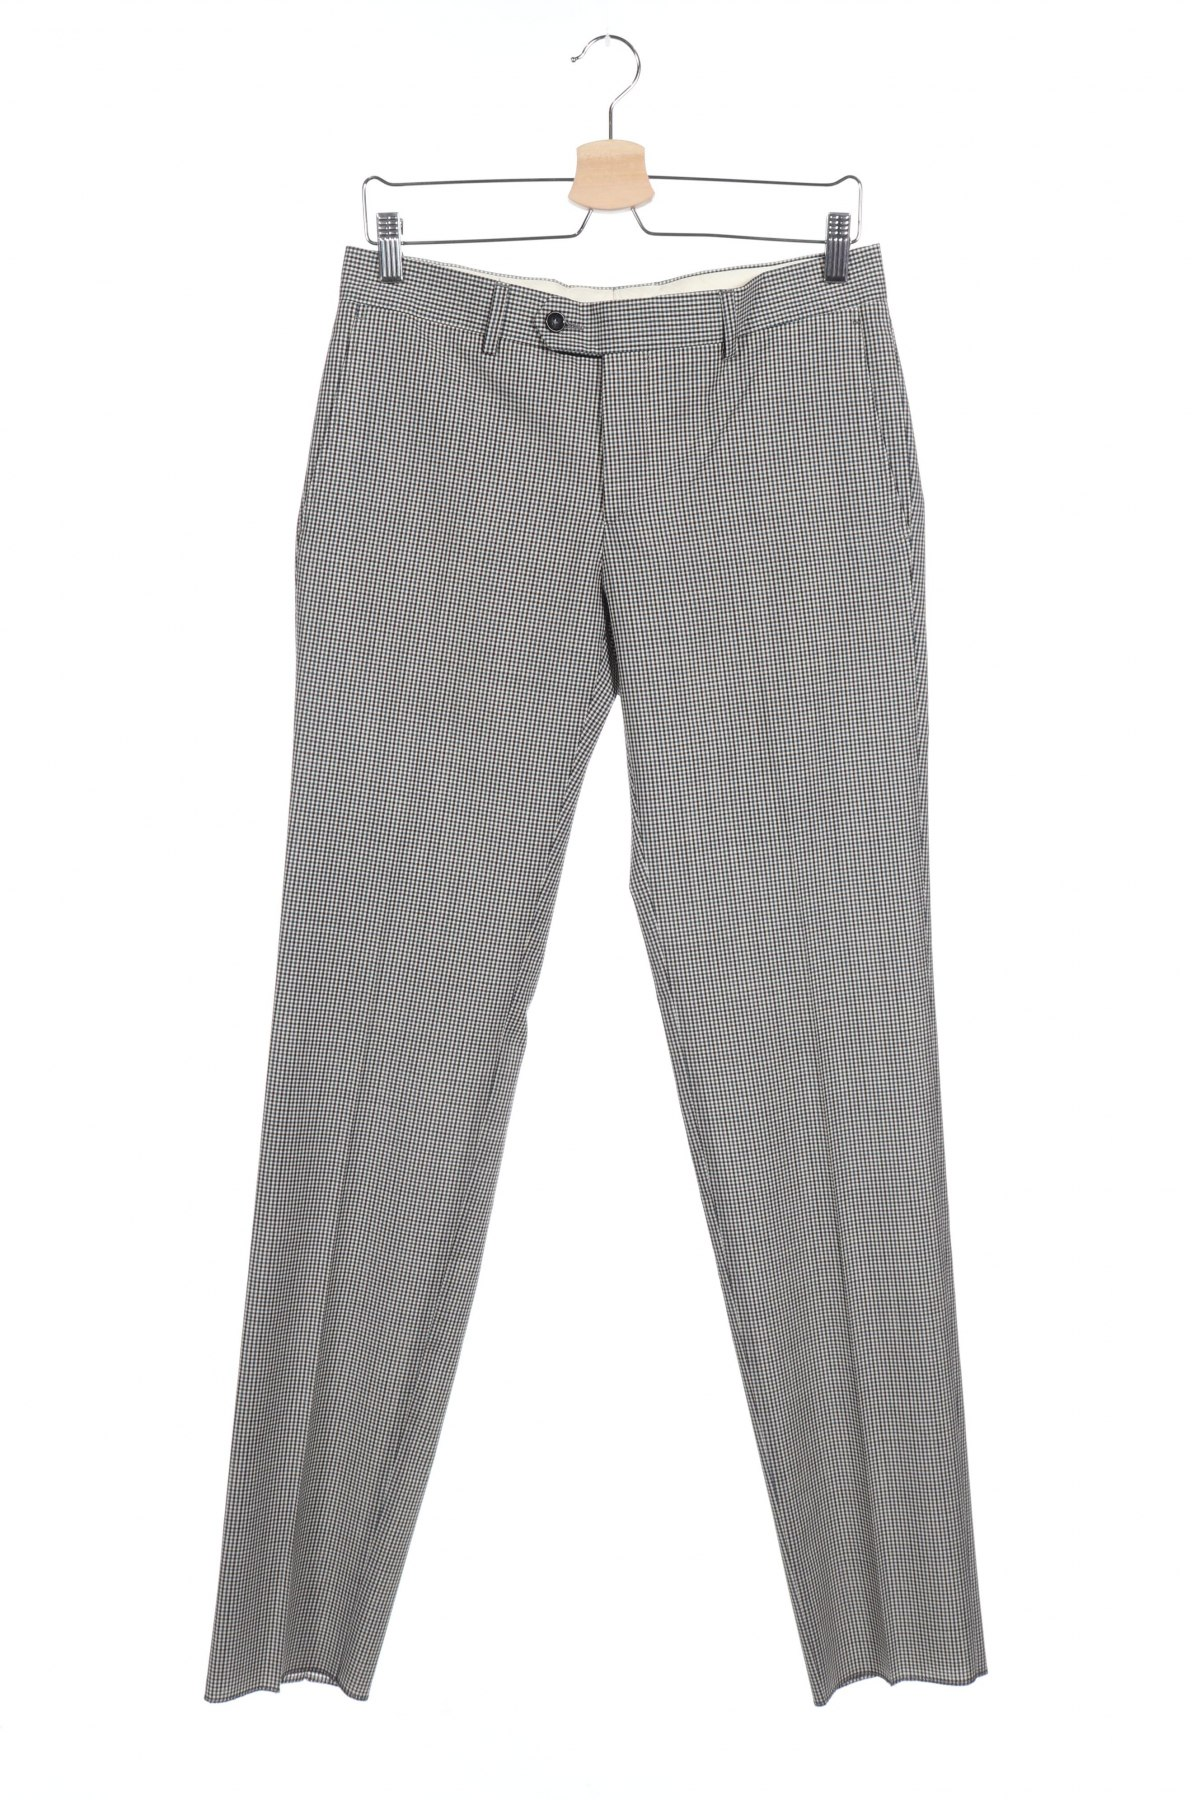 Pánské kalhoty  Liu Jo, Velikost S, Barva Vícebarevné, Vlna, Cena  1370,00Kč